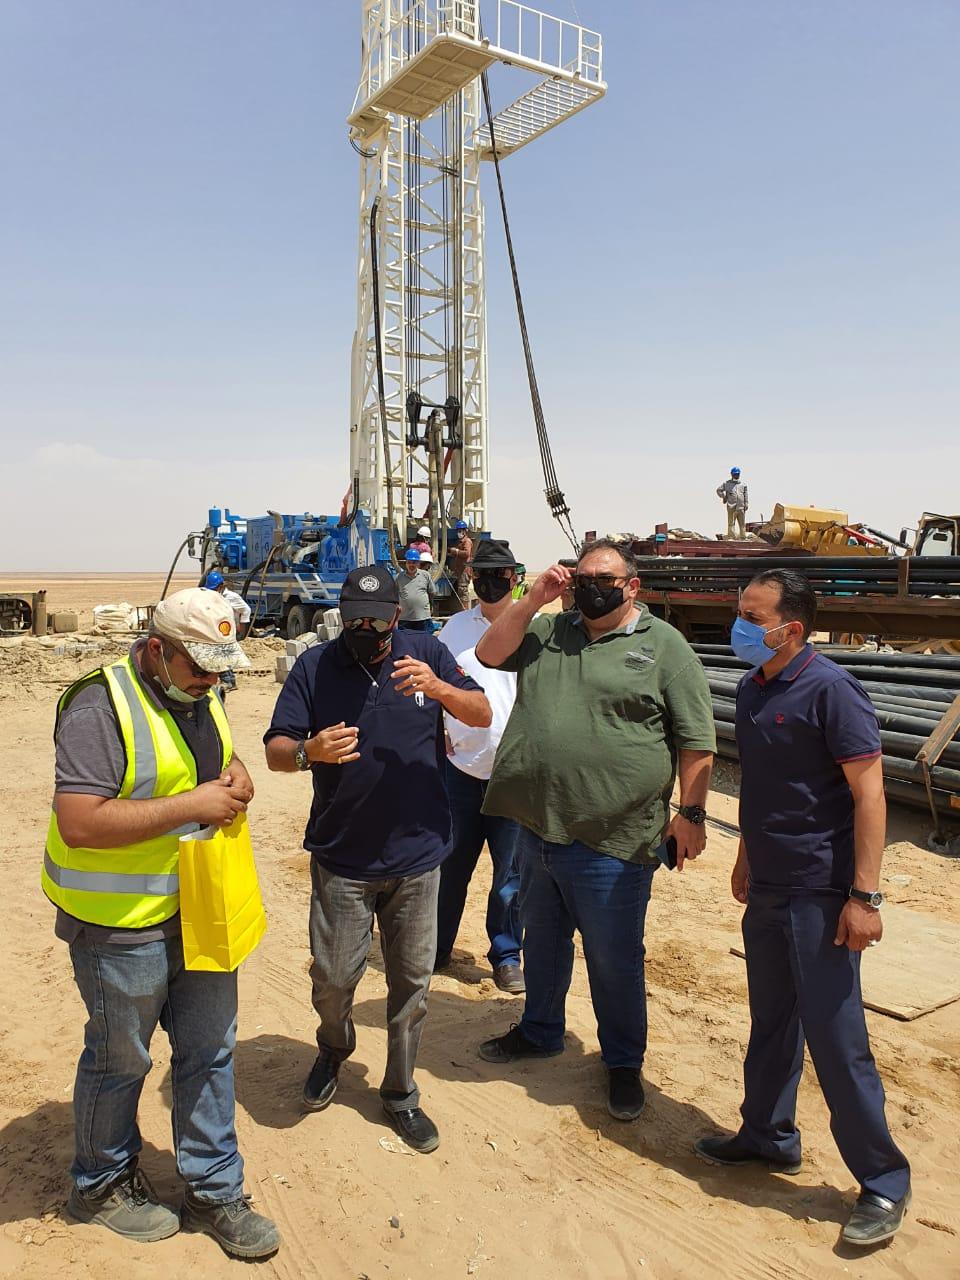 وزير المياه و الري يشرف على حفر ابار المبادرات الملكية بحضور خبراء اقليمين